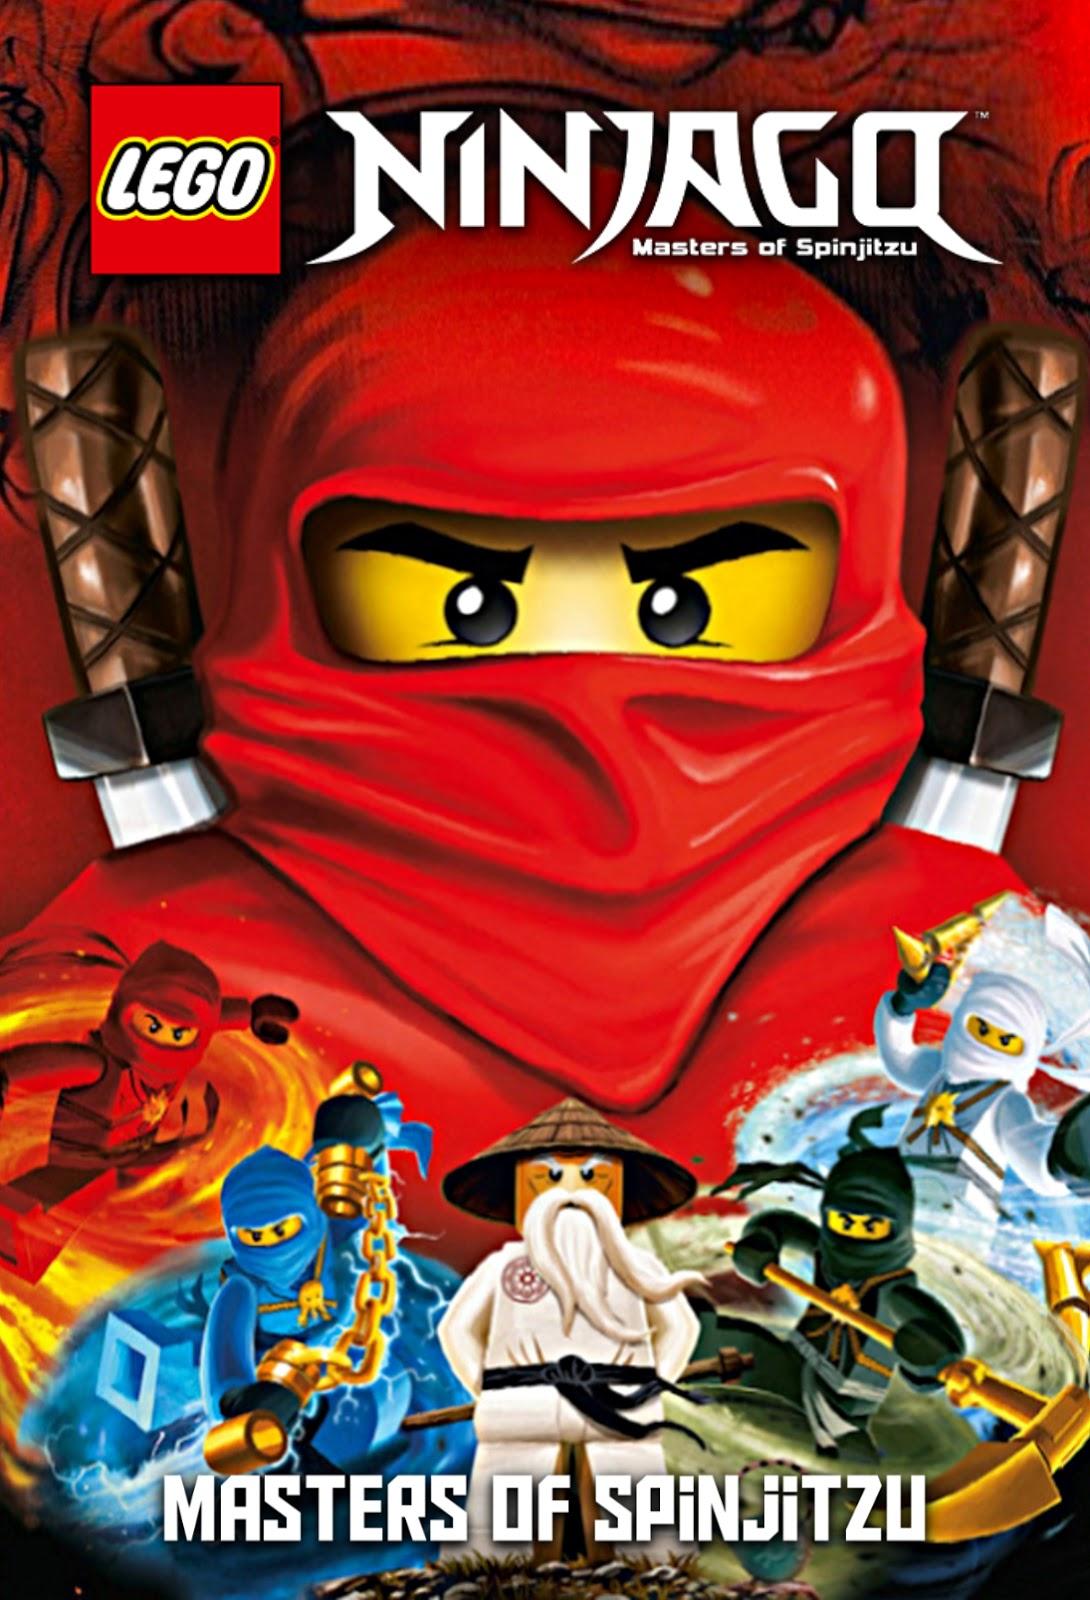 LEGO Ninjago: Masters of Spinjitzu | Ninjago Wiki | FANDOM ...